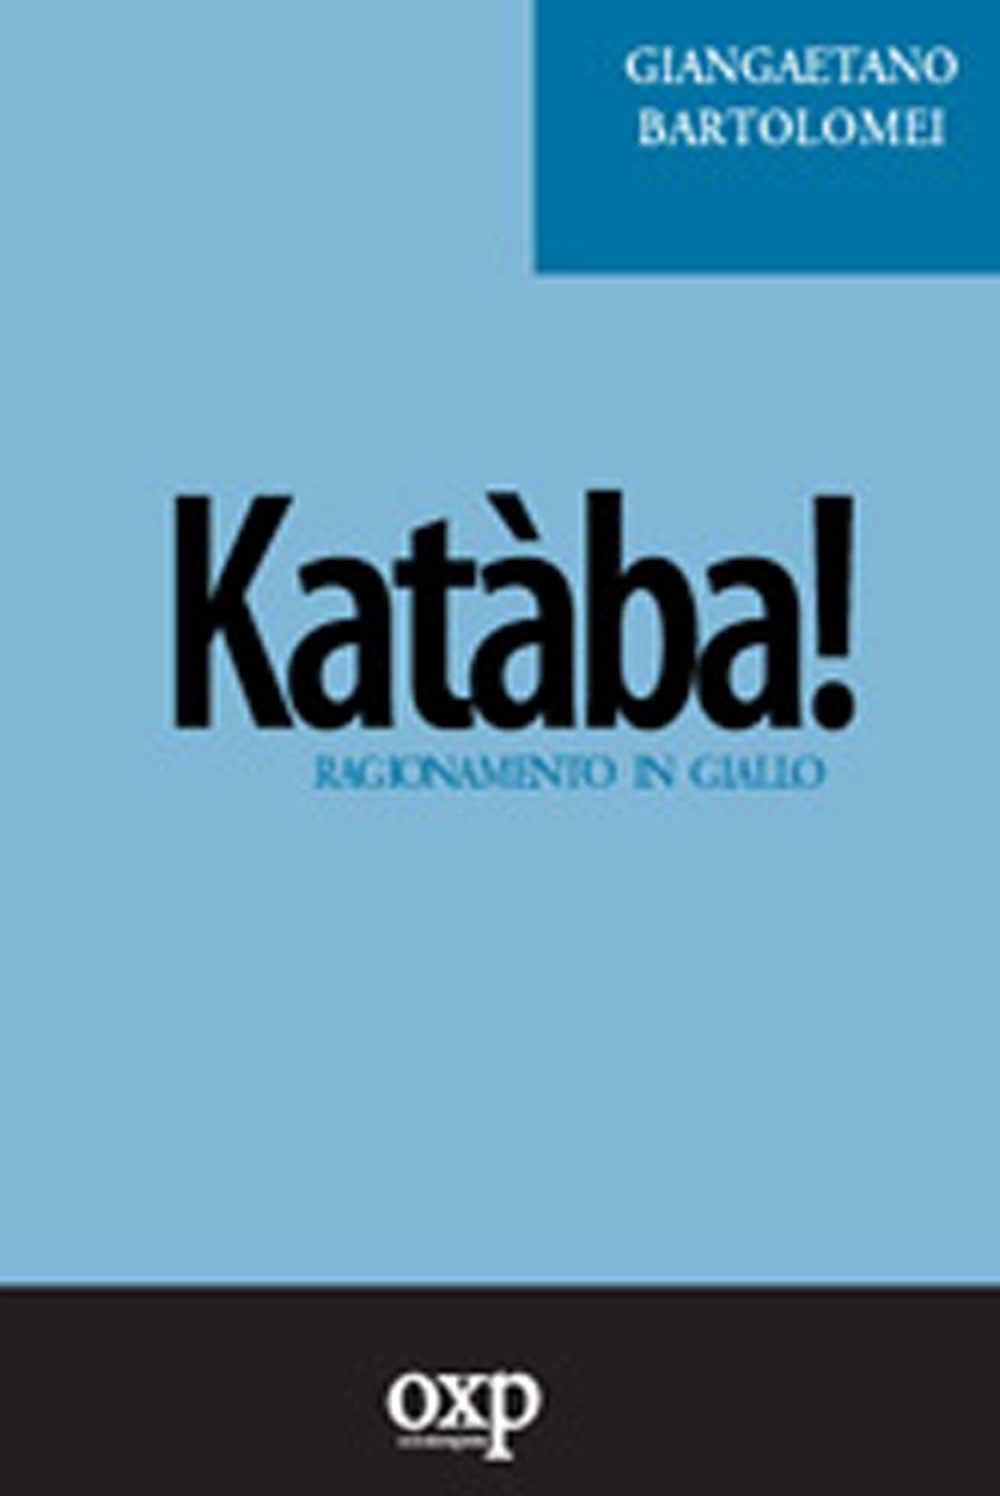 Katàba! Ragionamento in giallo, di GiangaetanoBartolomei (Fuori Collana, 2006)